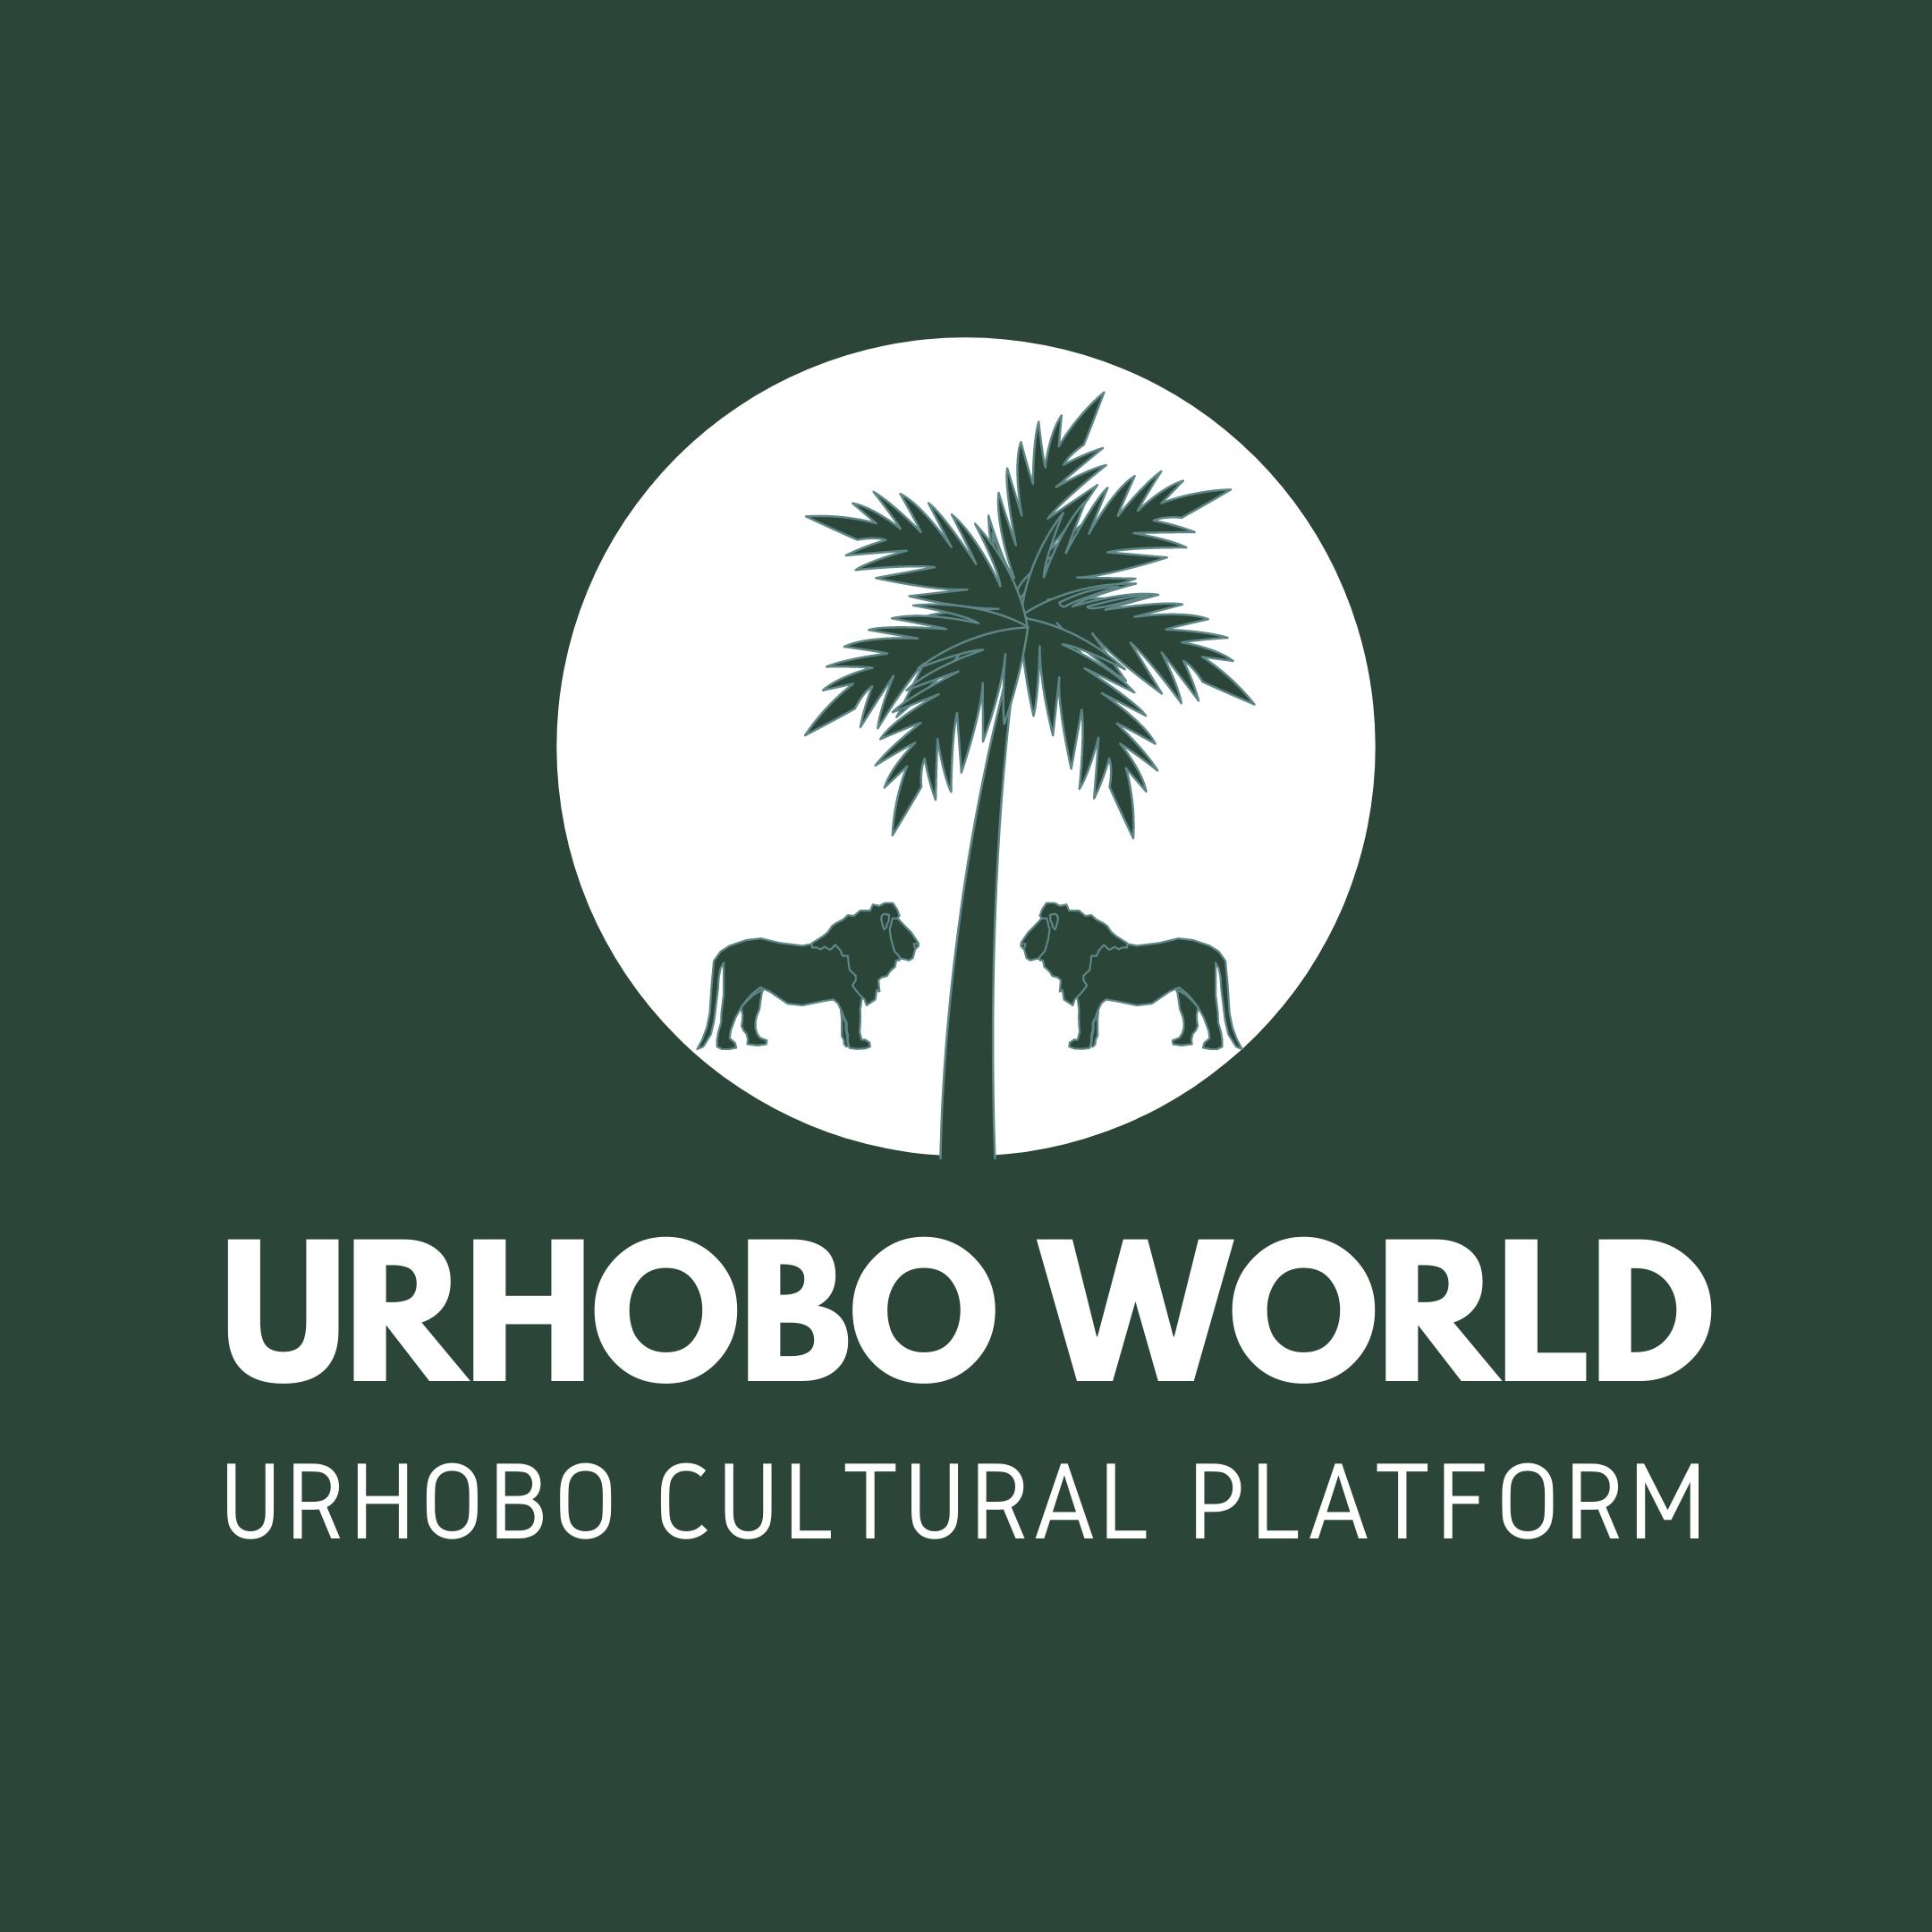 URHOBO WORLD